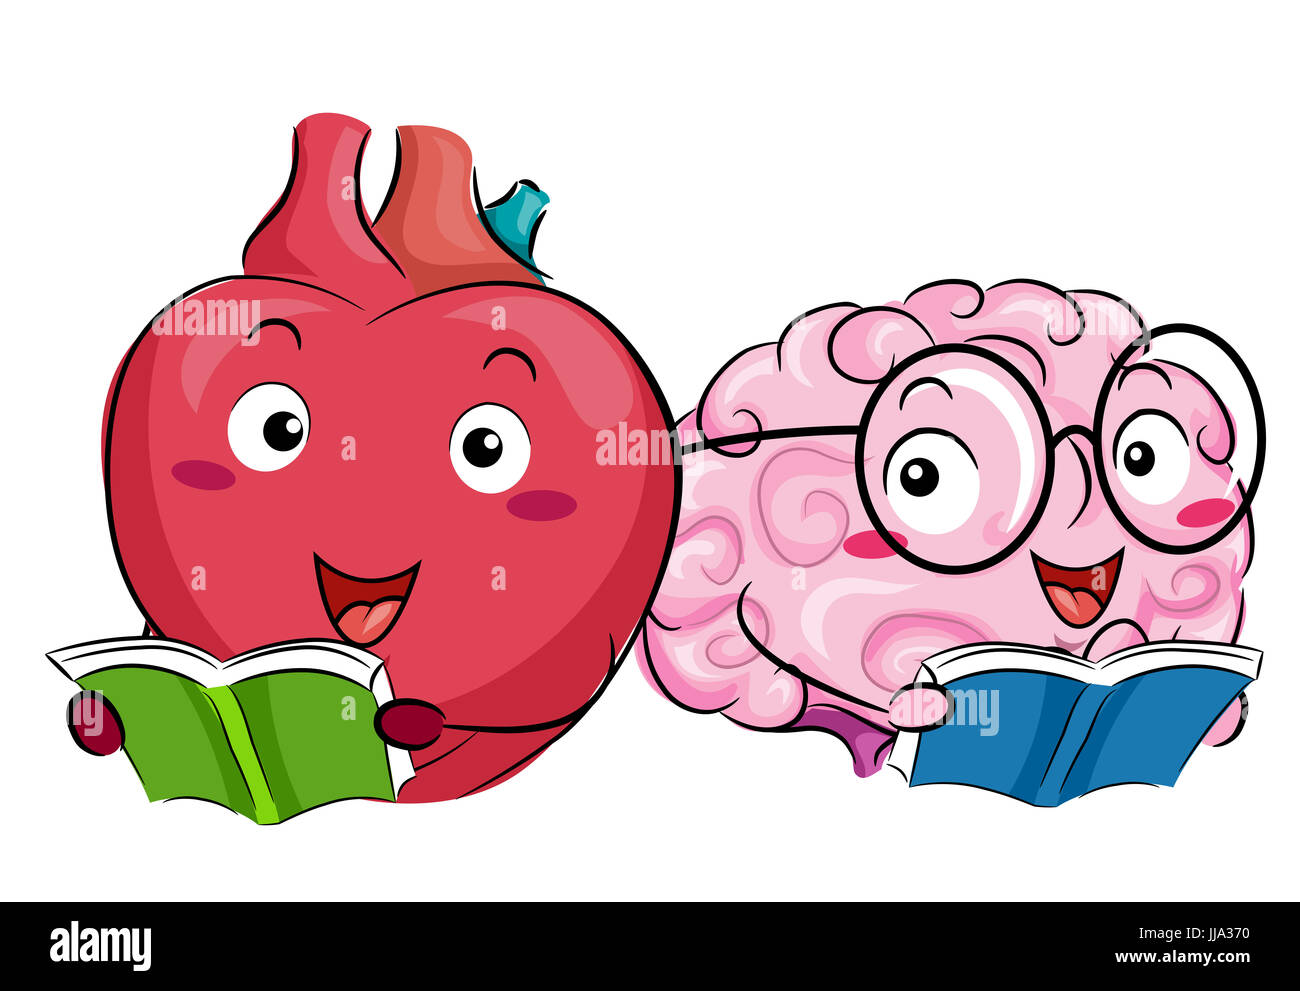 Il Mascot Illustrazione Di Un Cuore Felice E Un Cervello La